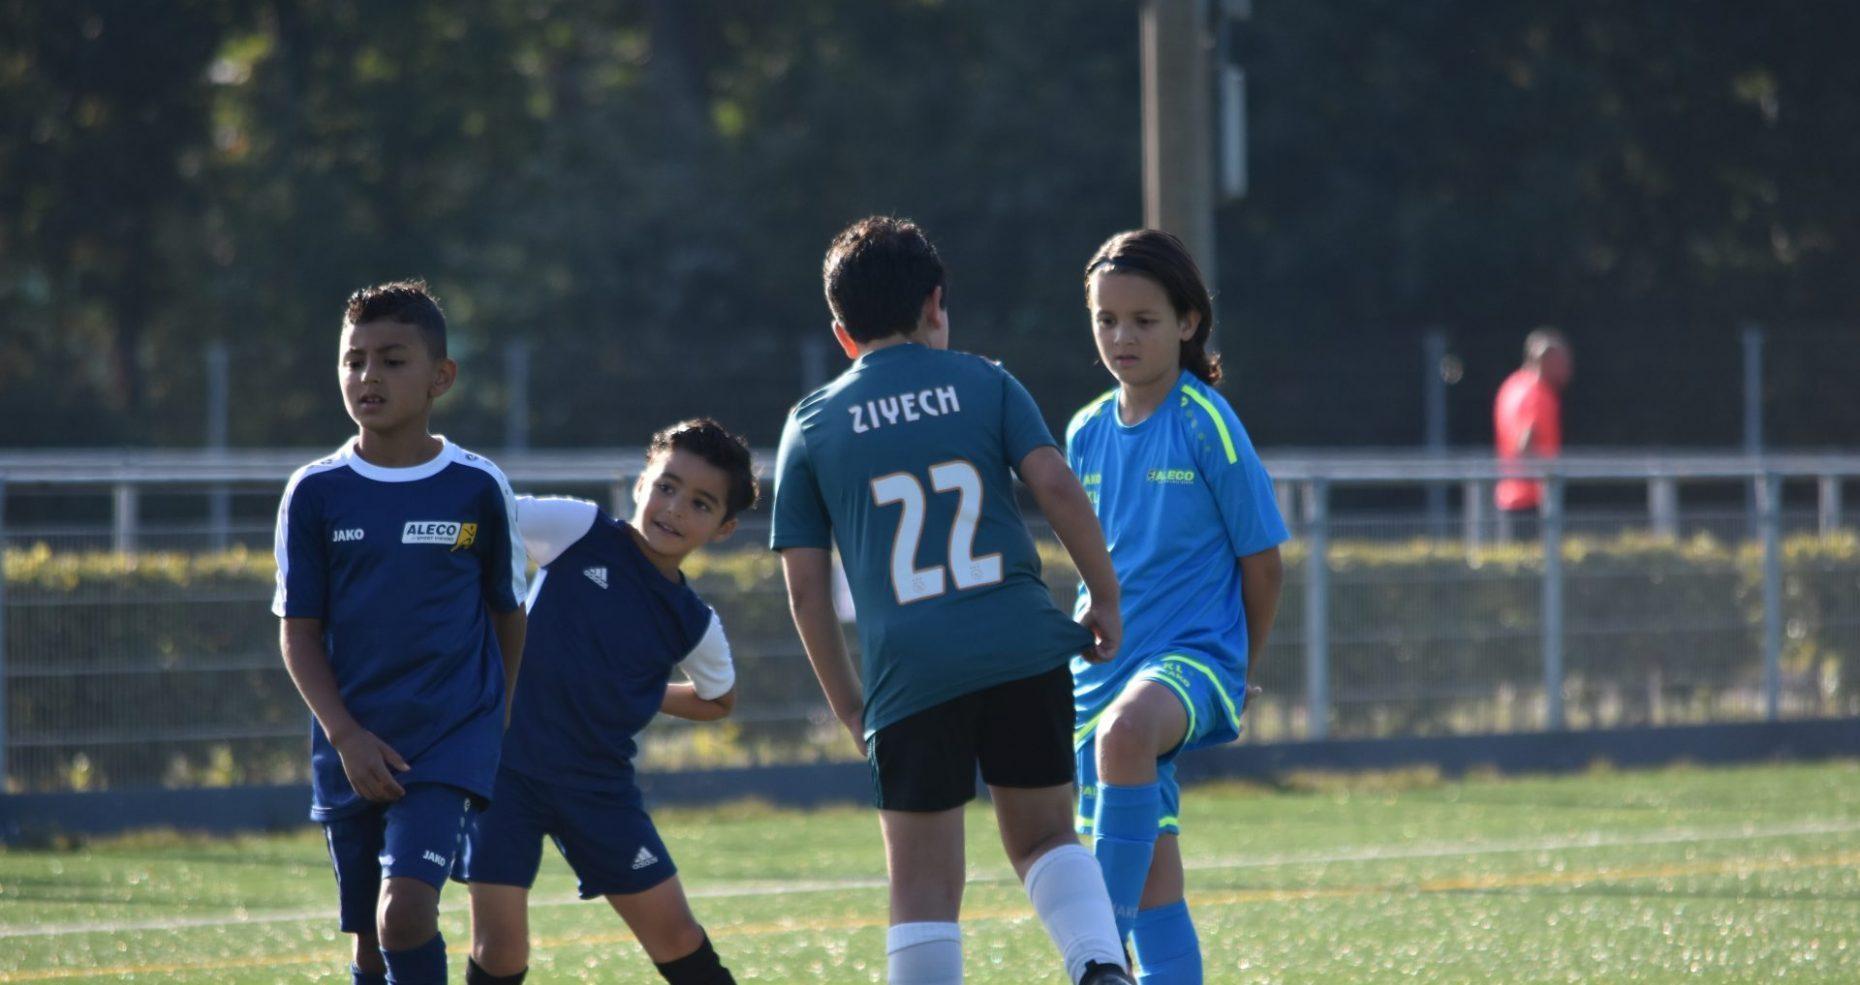 Voetbalschool